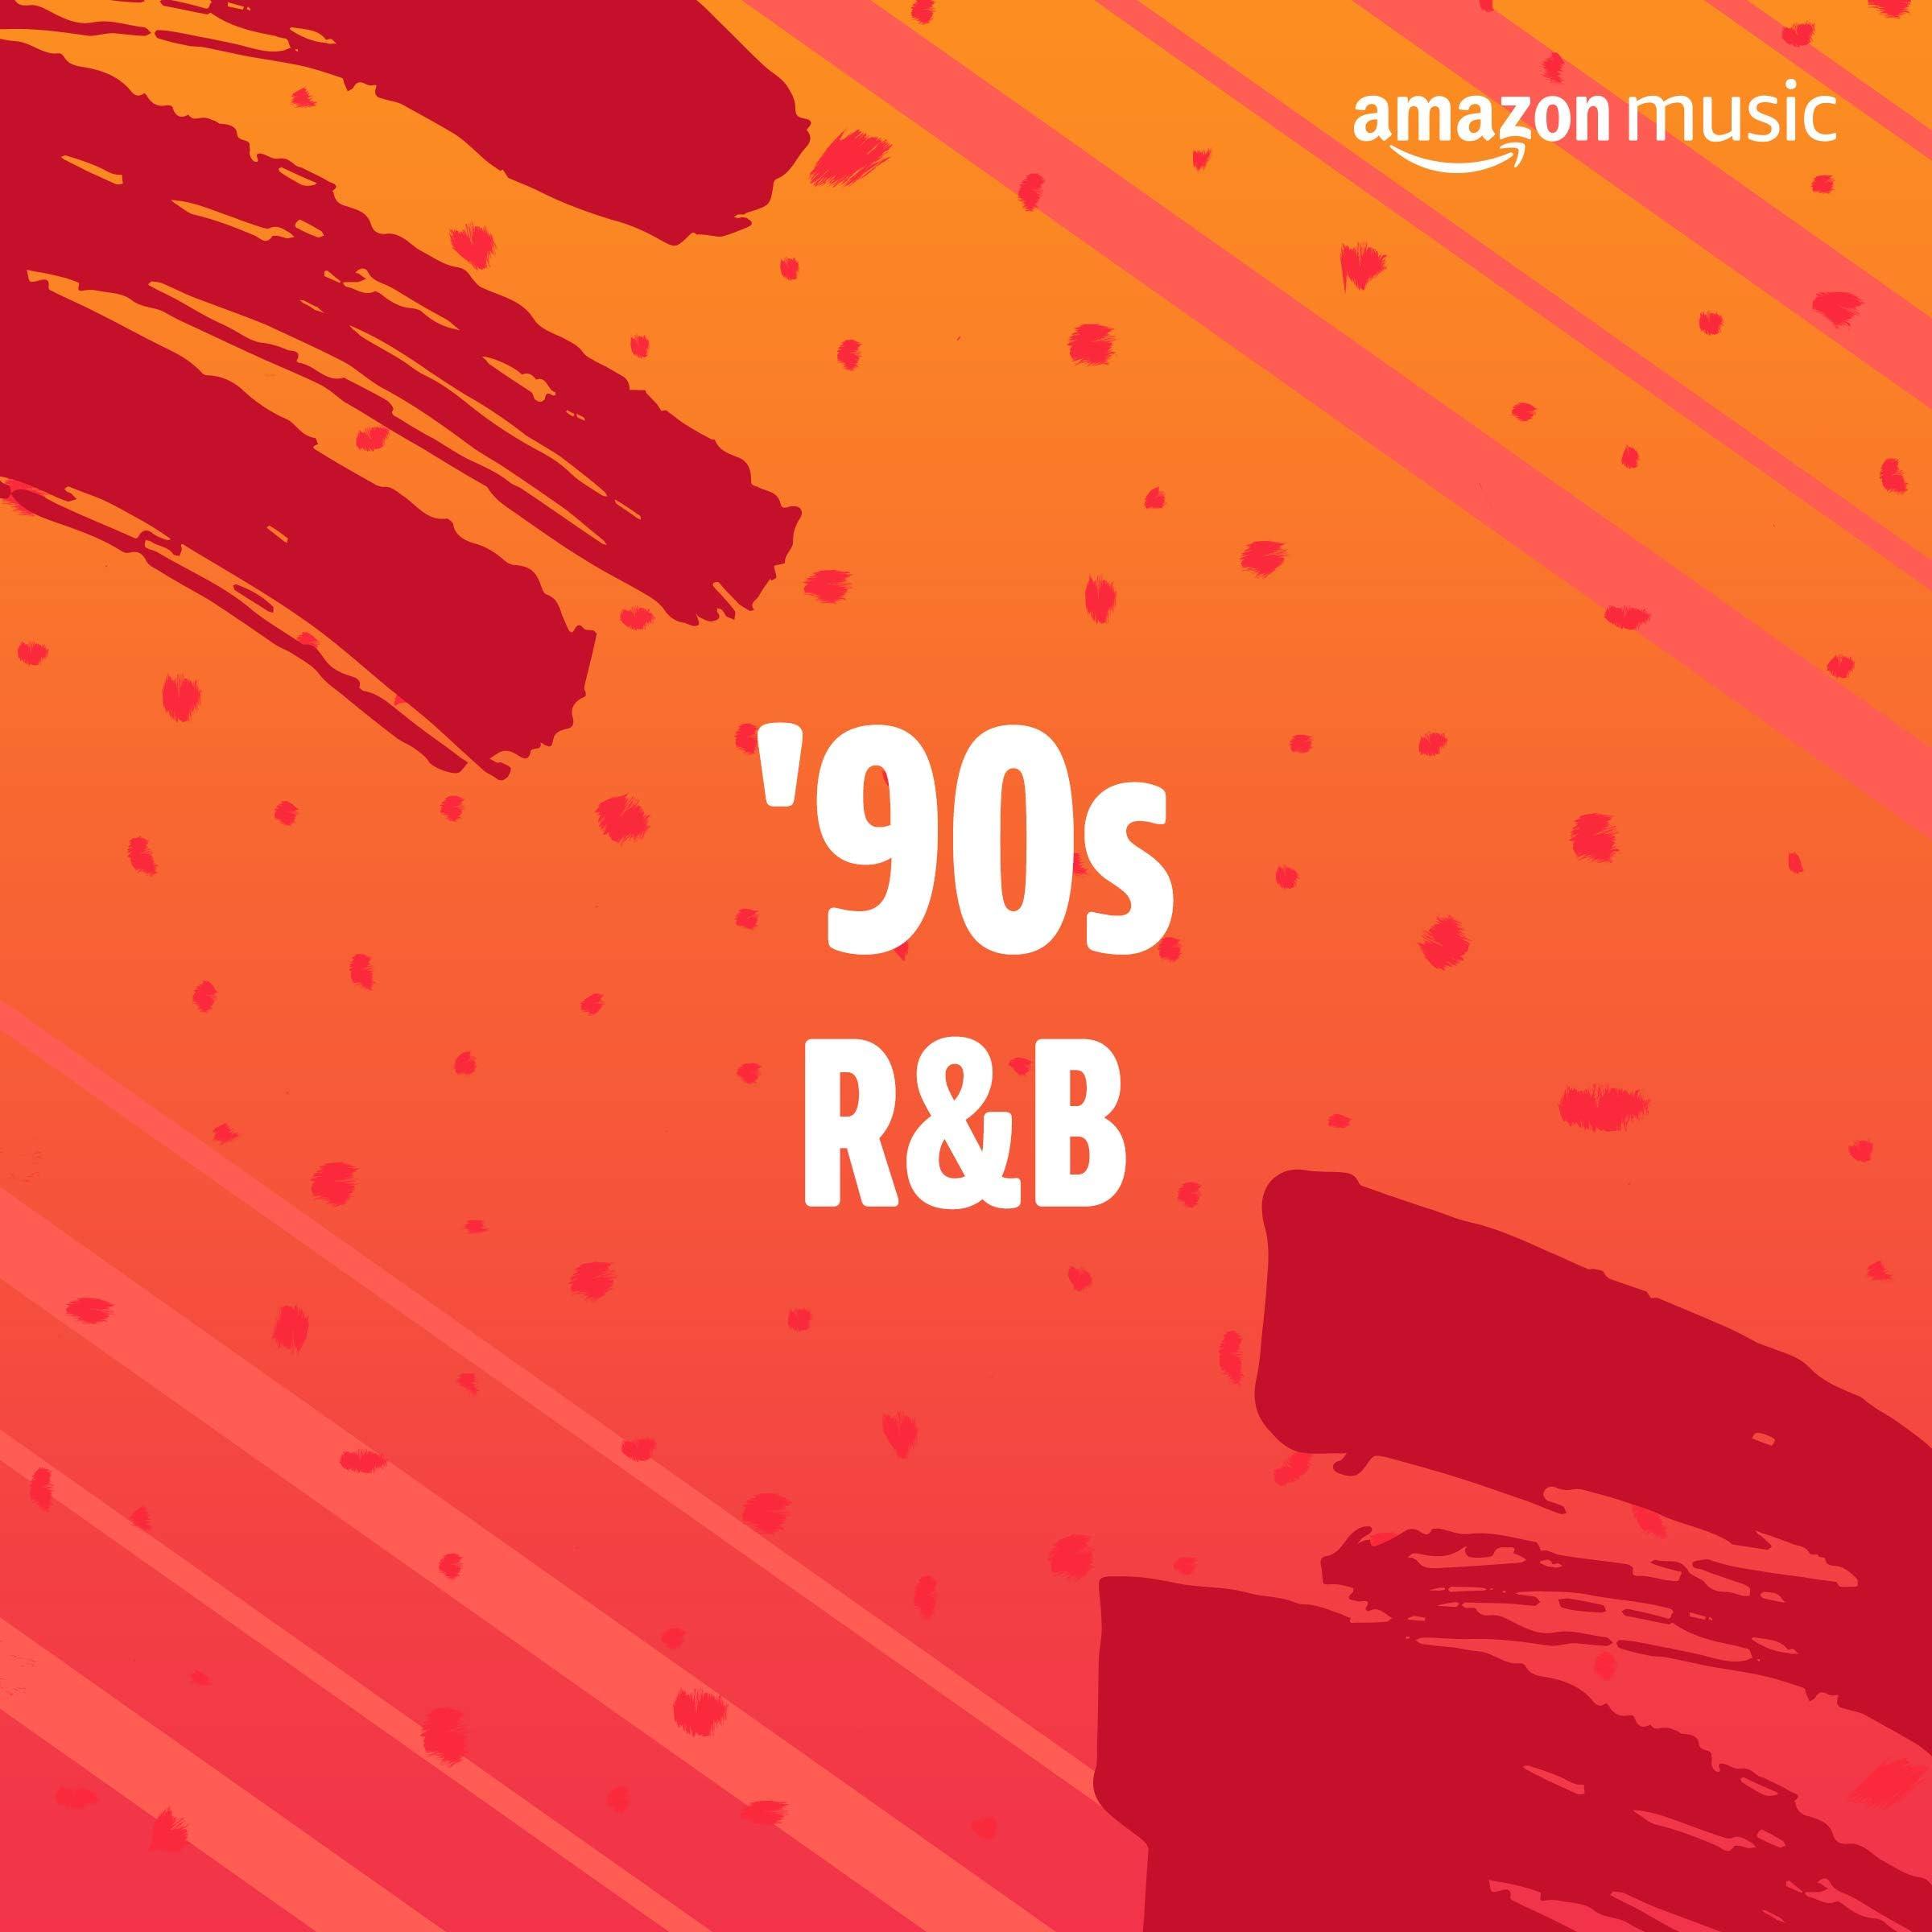 '90s R&B